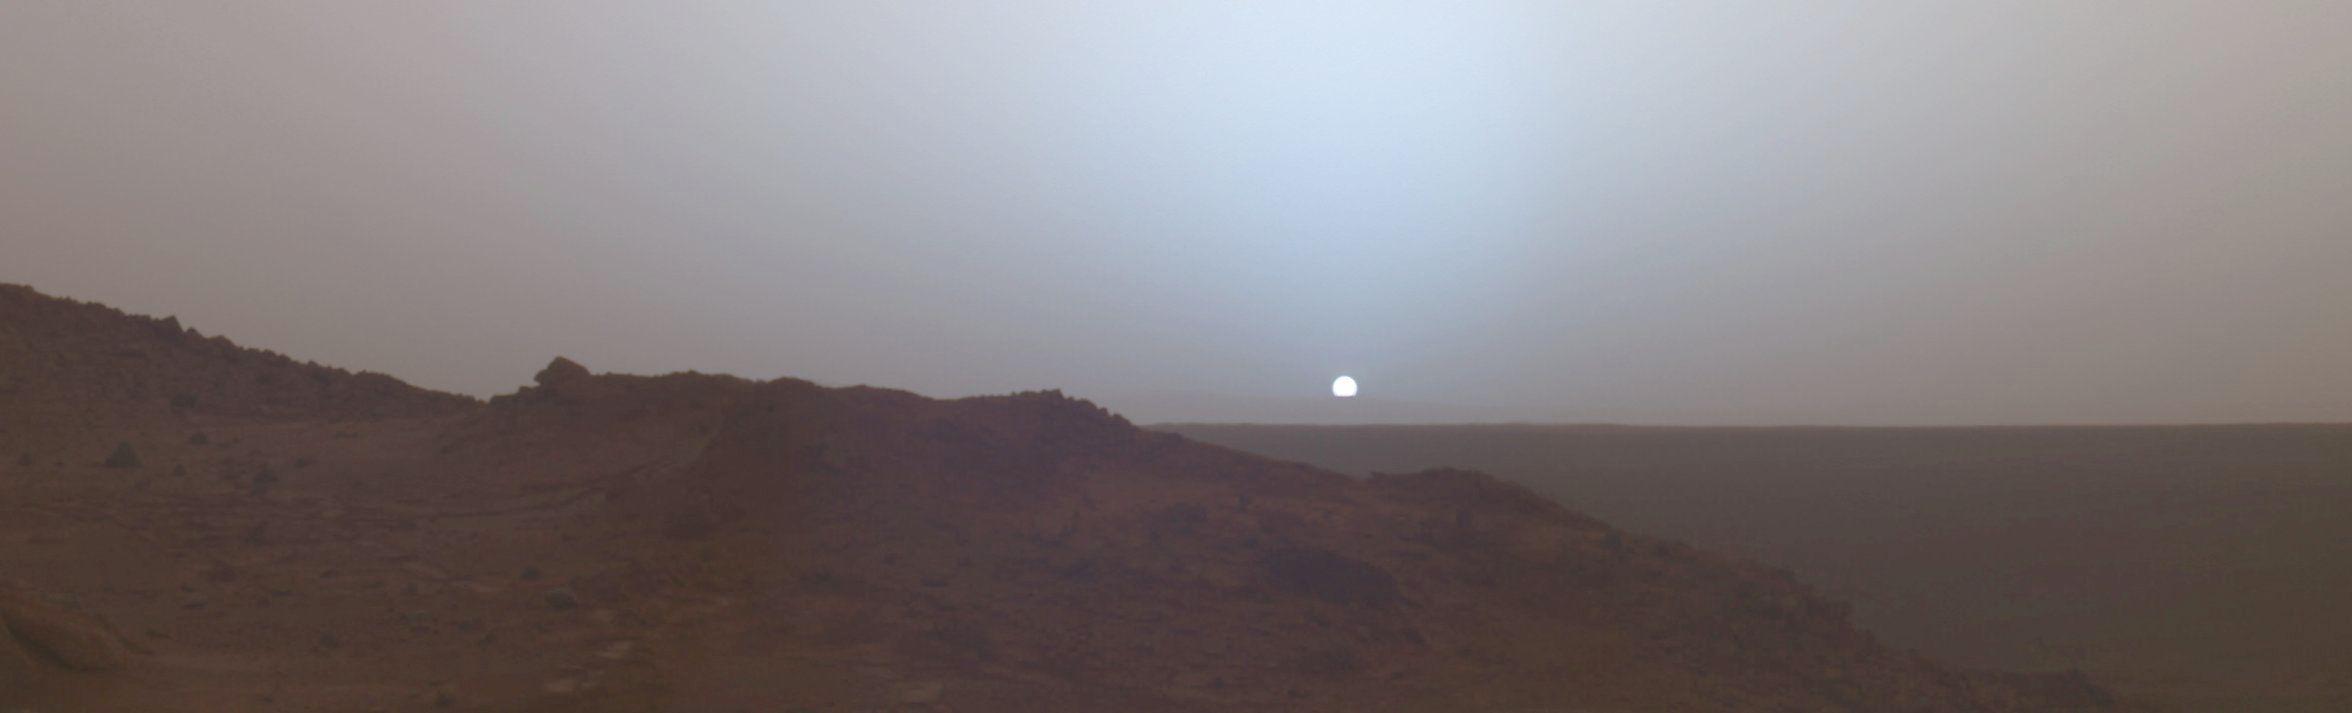 Curiosity снял закат на Марсе - 1